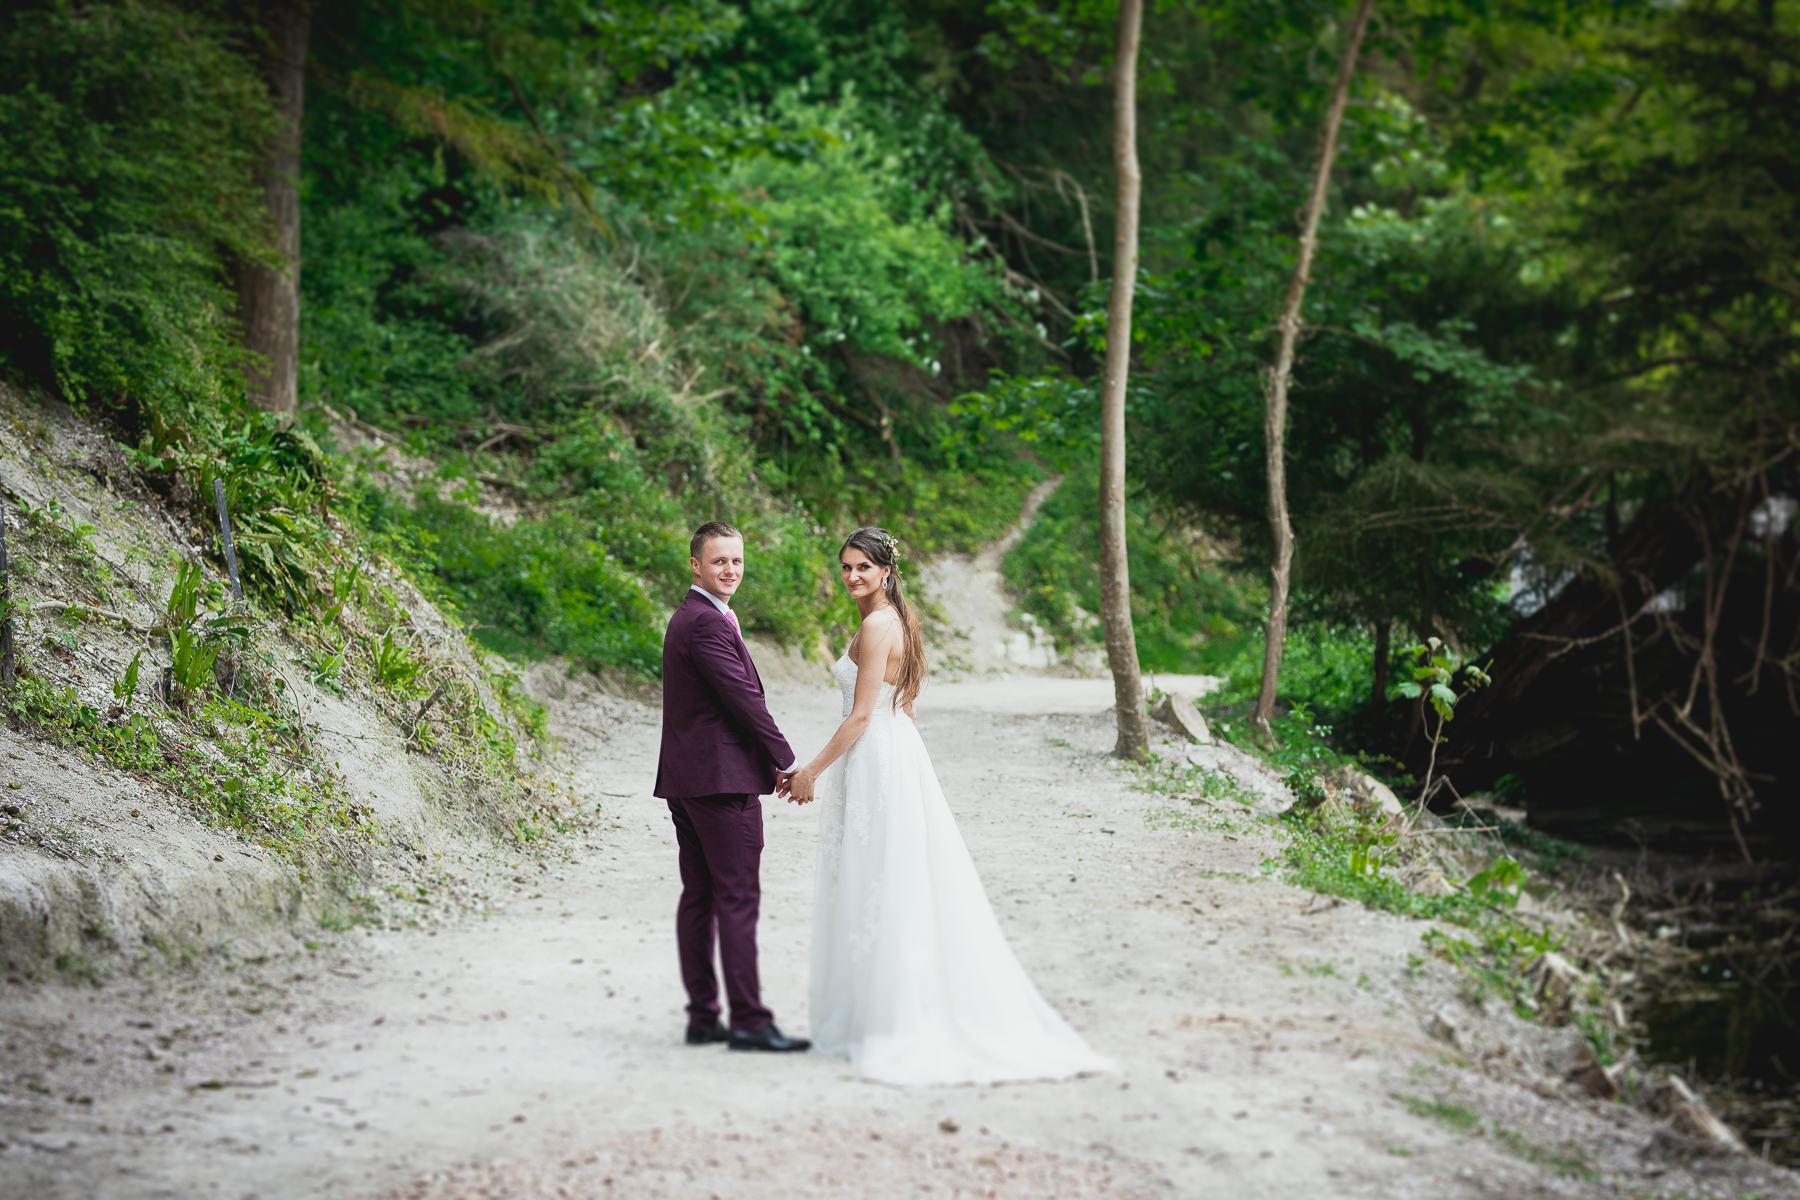 Dangira & Ignas Chichester Weddings VILCINSKAITE PHOTO 15.jpg